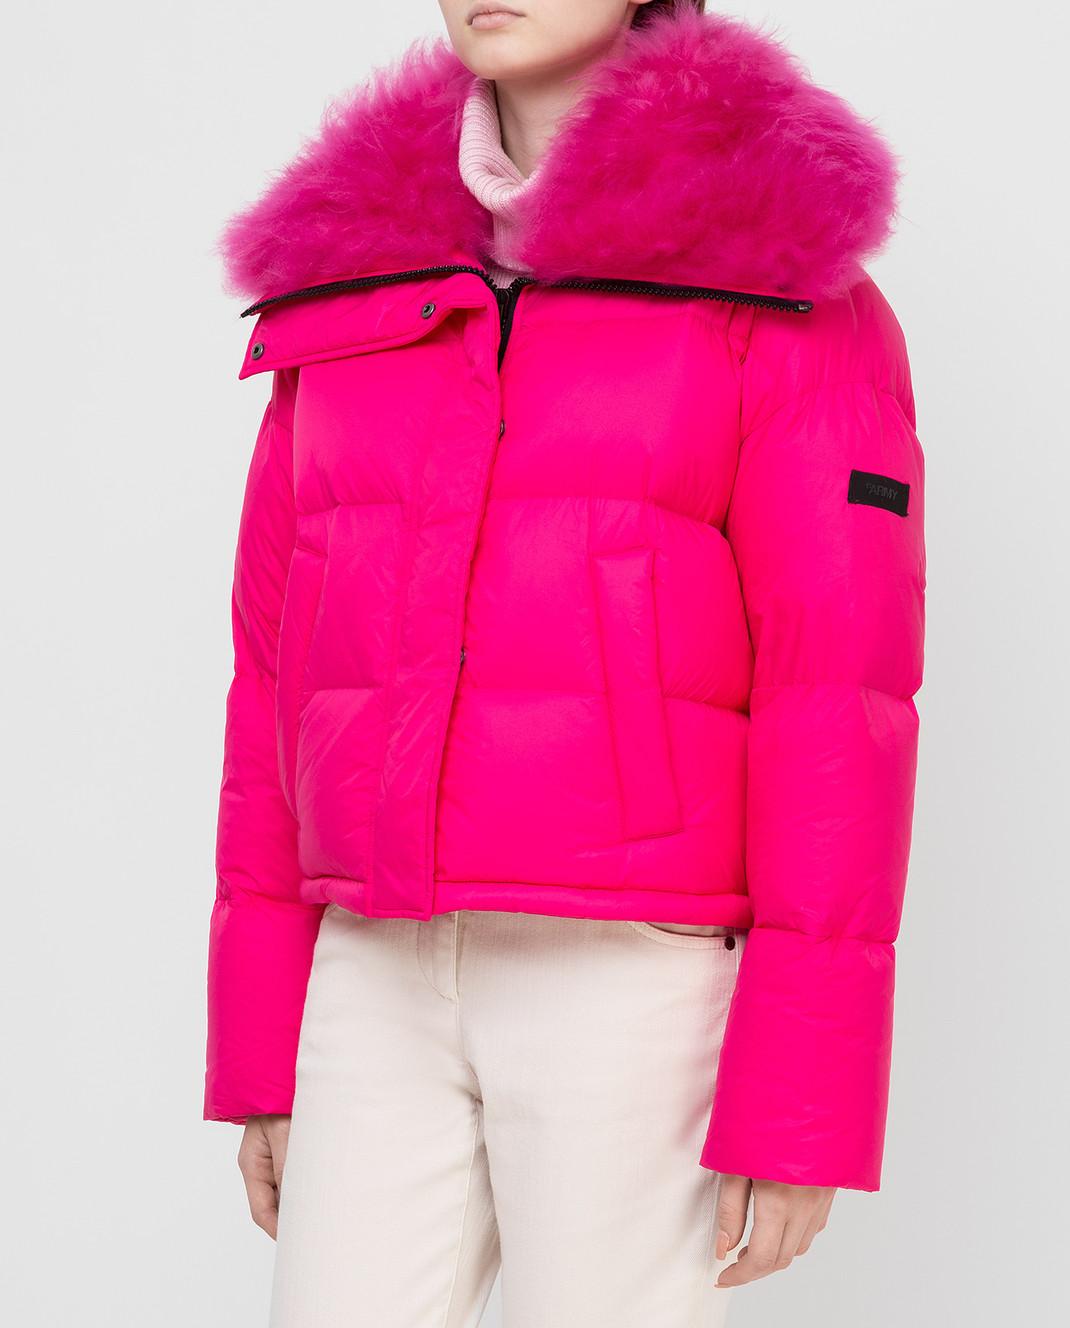 Yves Salomon Army Розовый пуховик с мехом ягненка изображение 3